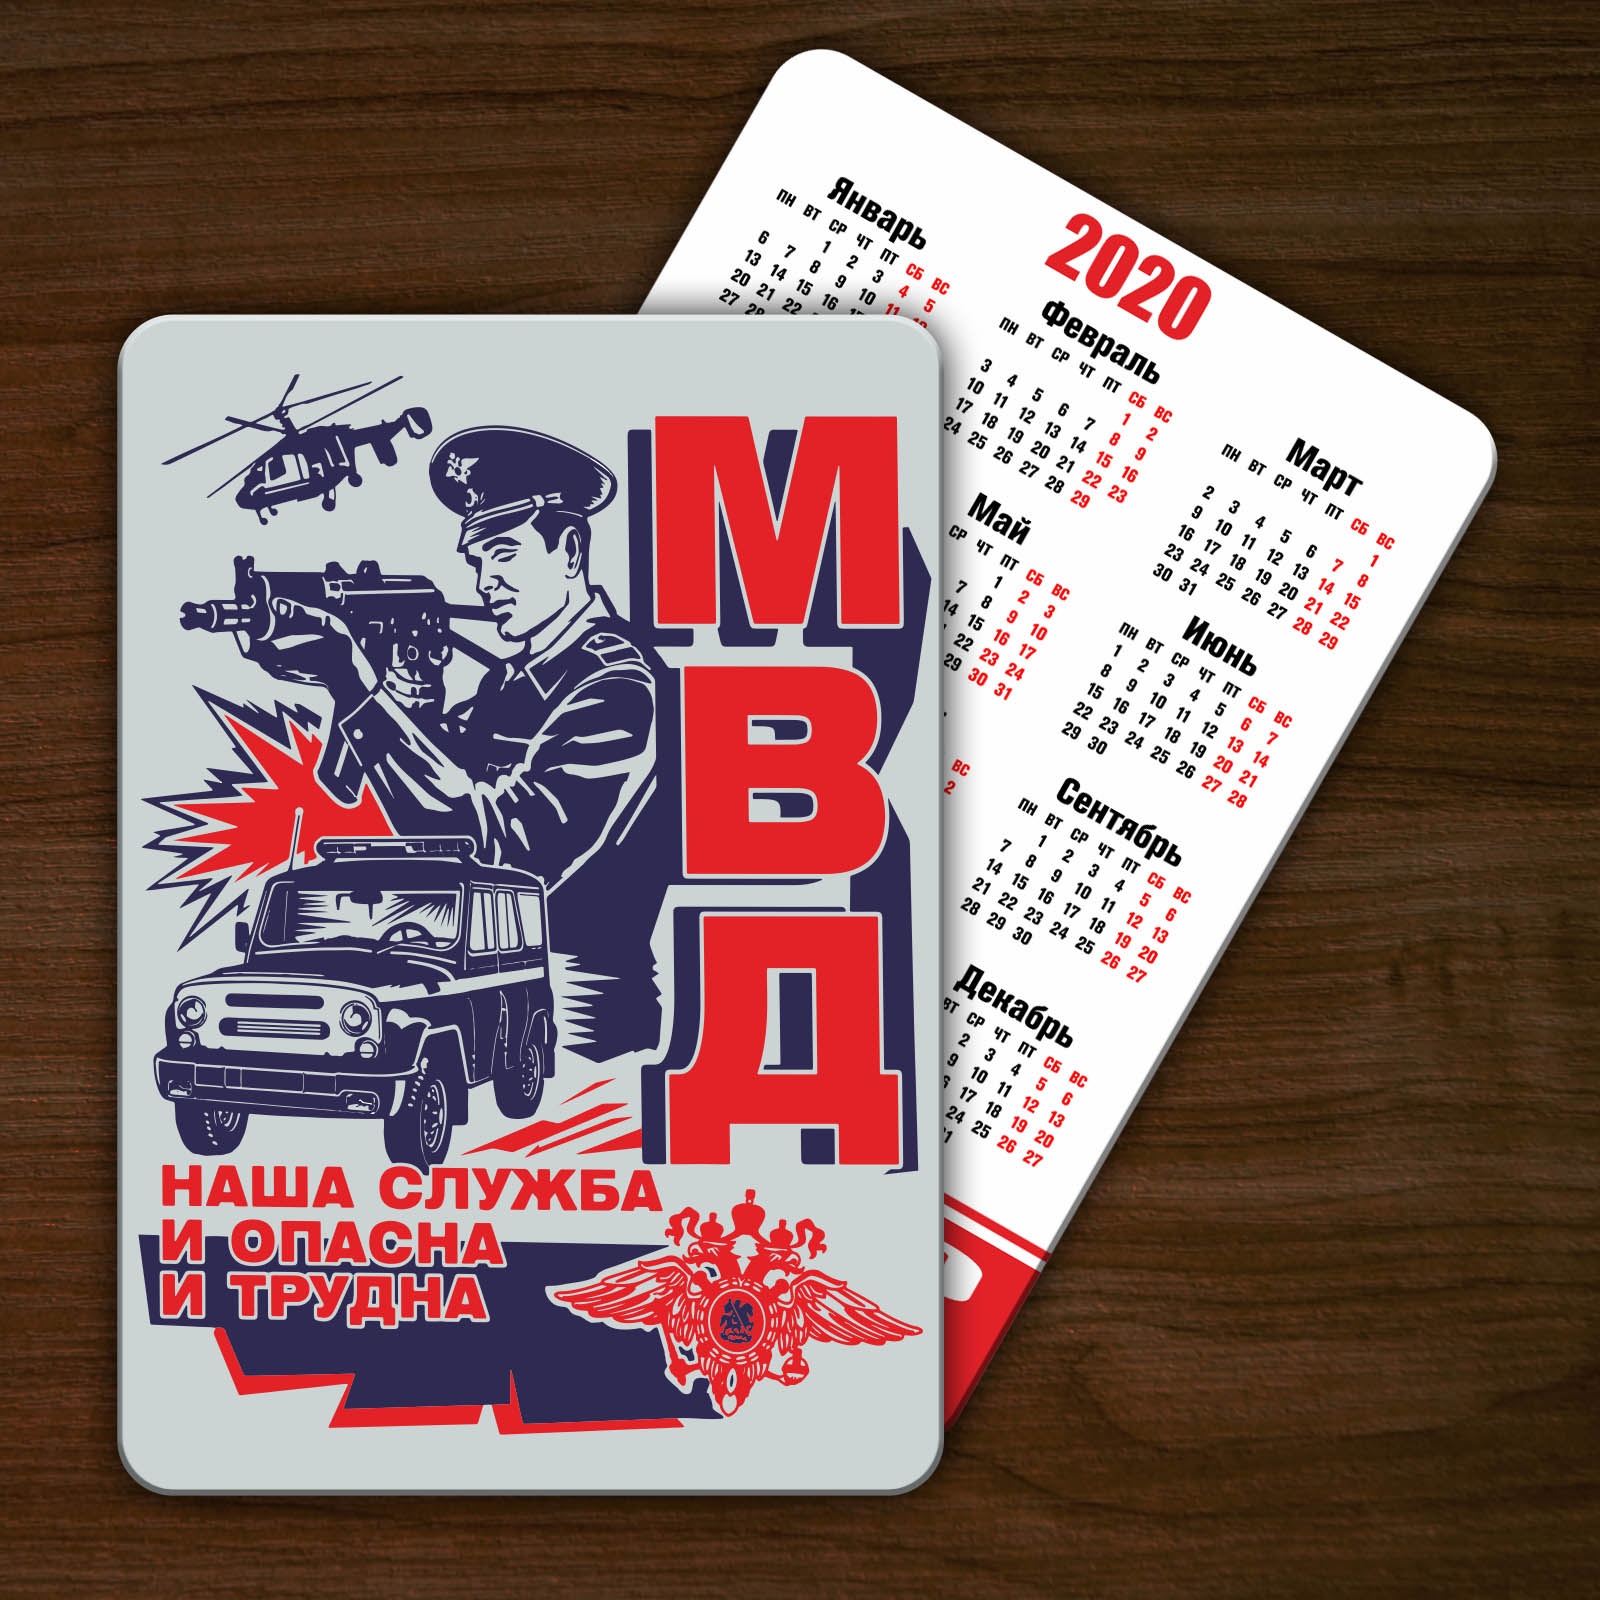 Эффектный календарик на 2020 год для сотрудников МВД России